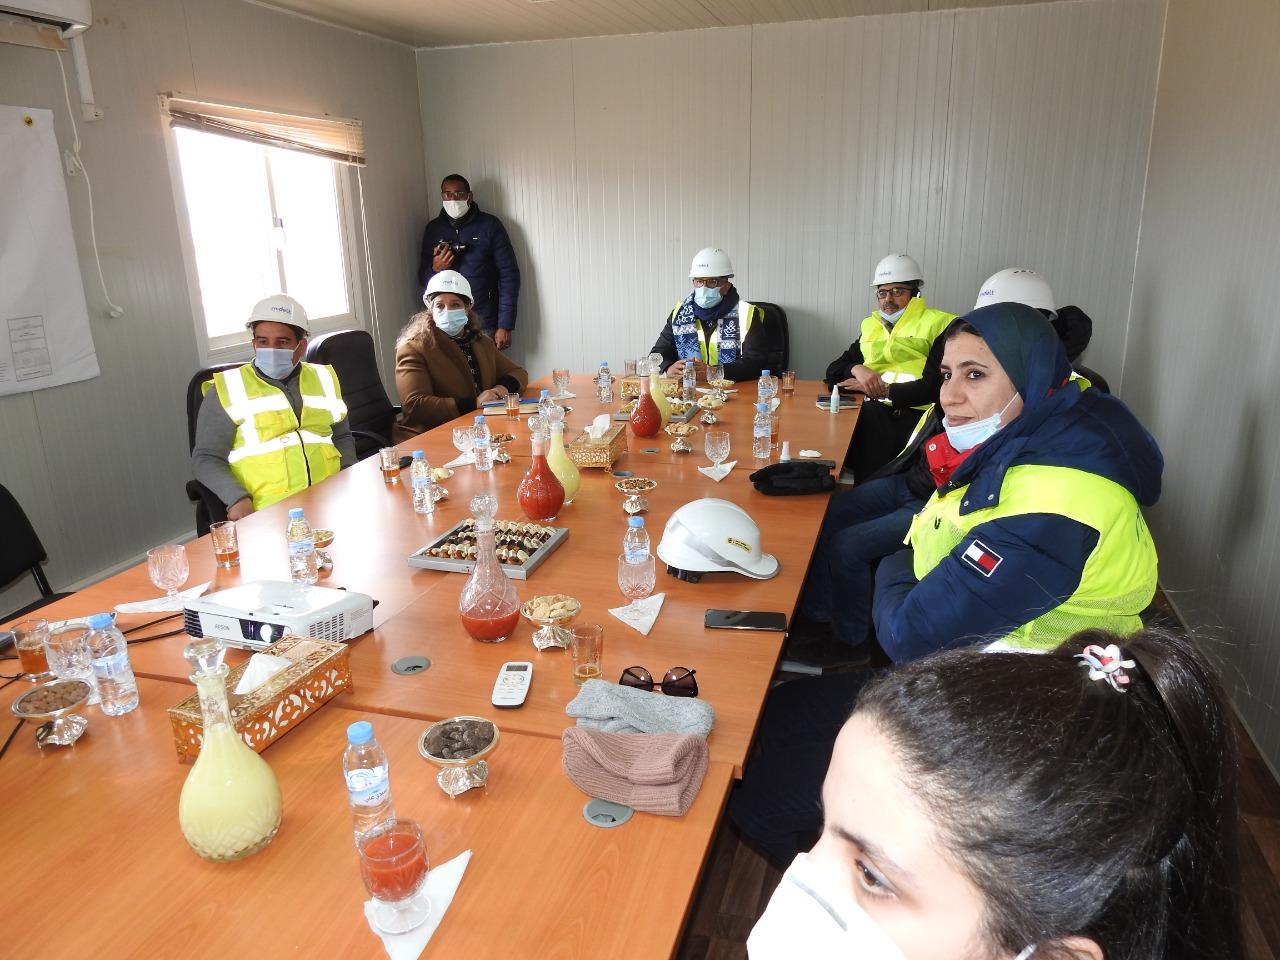 المكتب الوطني للكهرباء والماء الصالح للشرب ينهي إنجاز الرحبة الريحية لميدلت